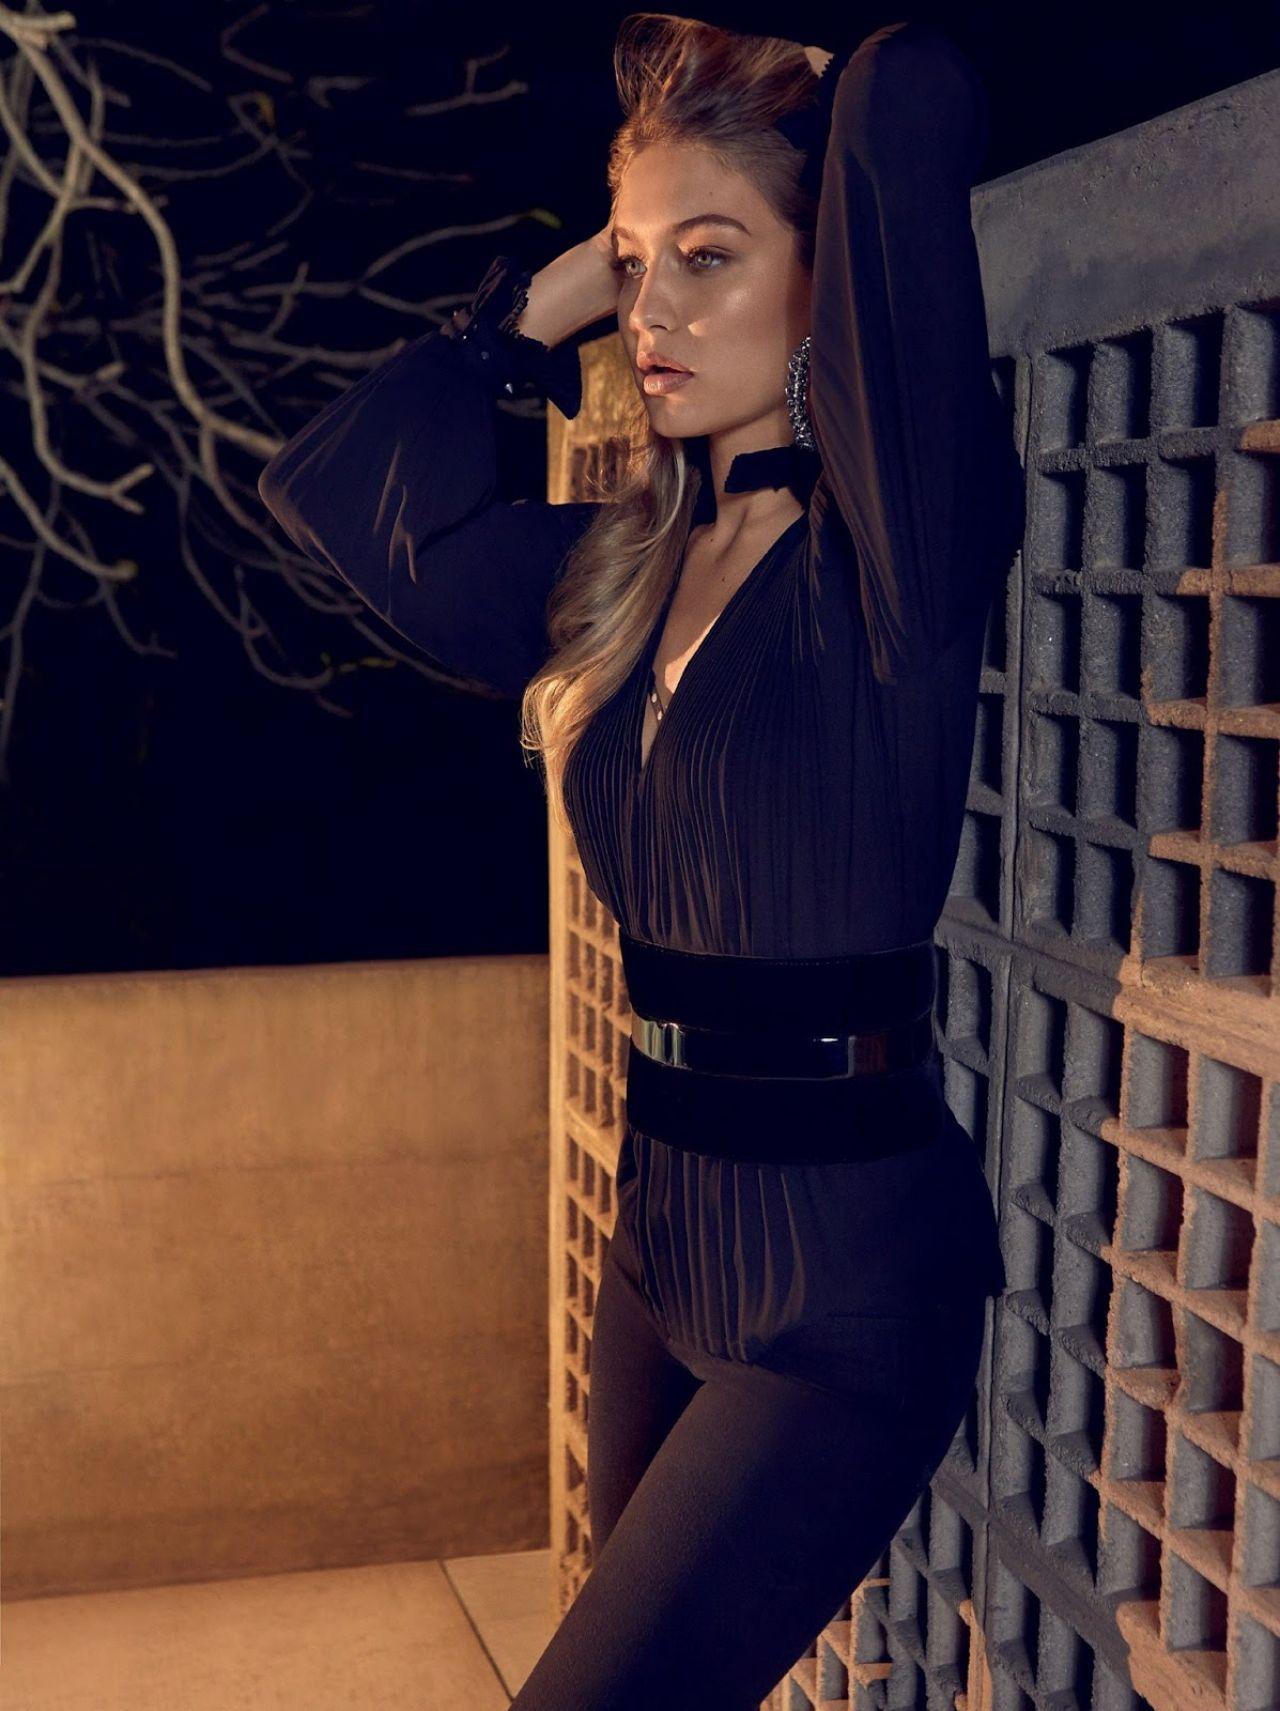 Gigi Hadid Photoshoot For Vogue Magazine Brazil July 2015